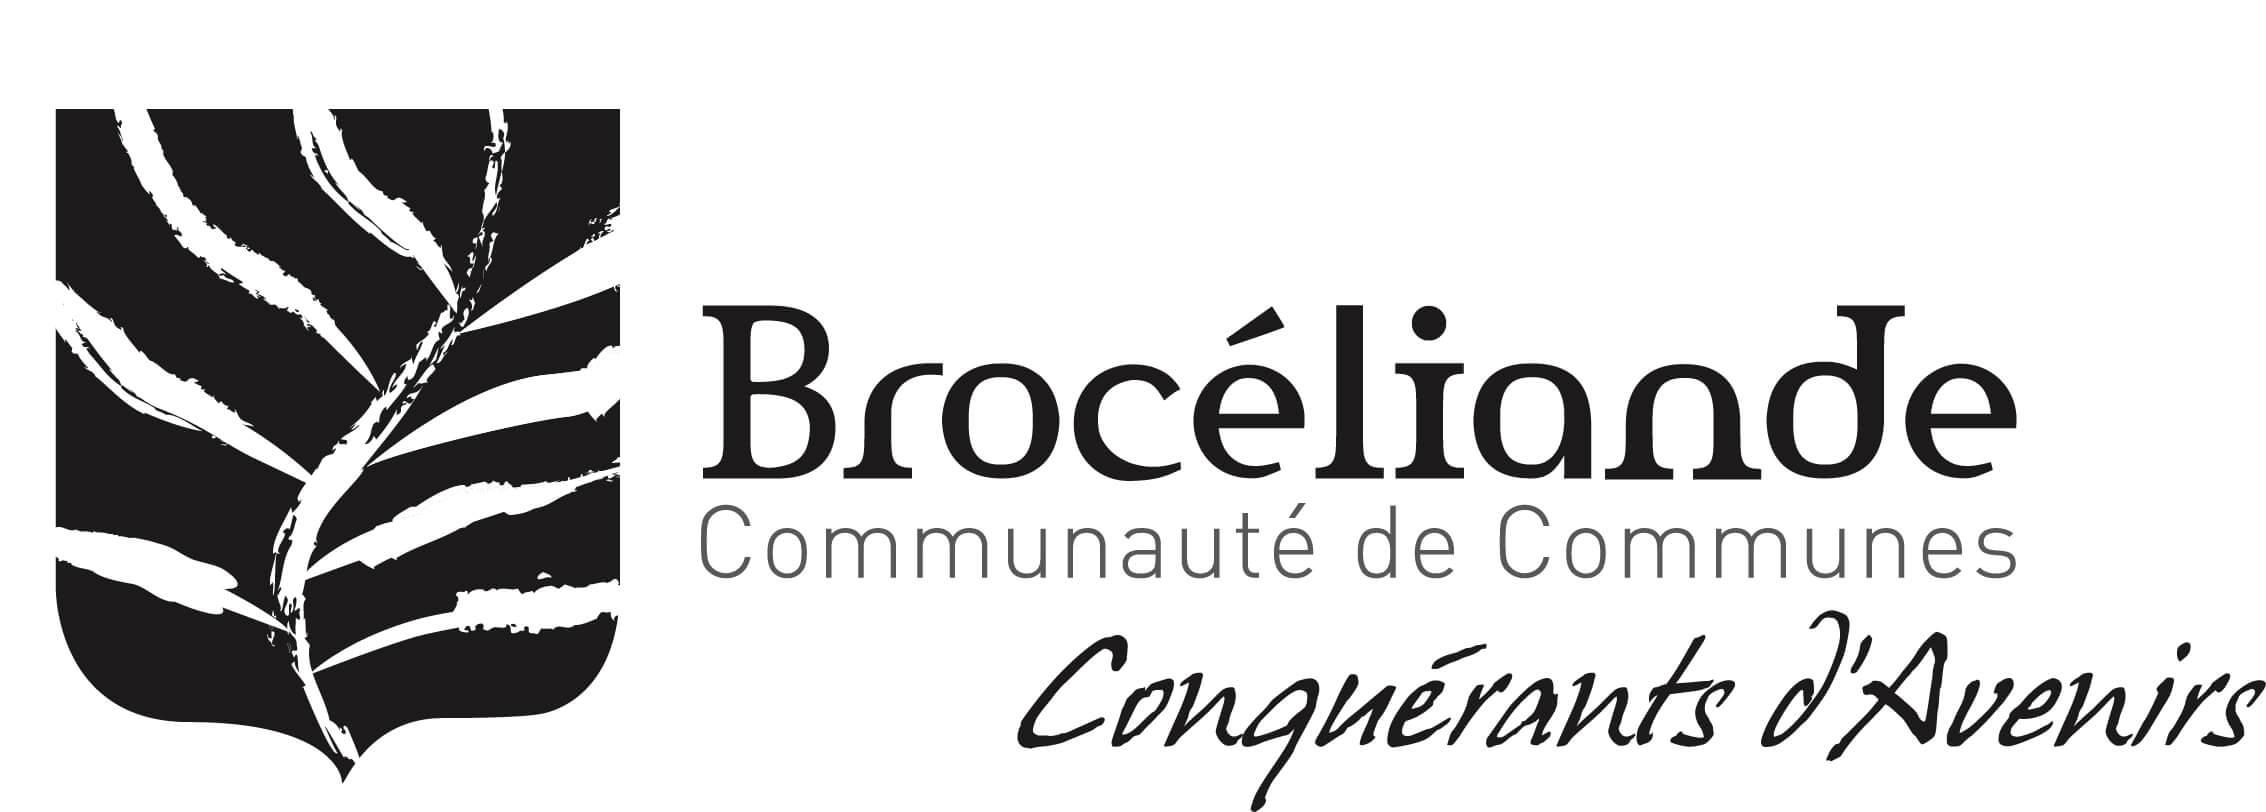 Emploi Saisonnier sur la Communauté de communes de Brocéliande